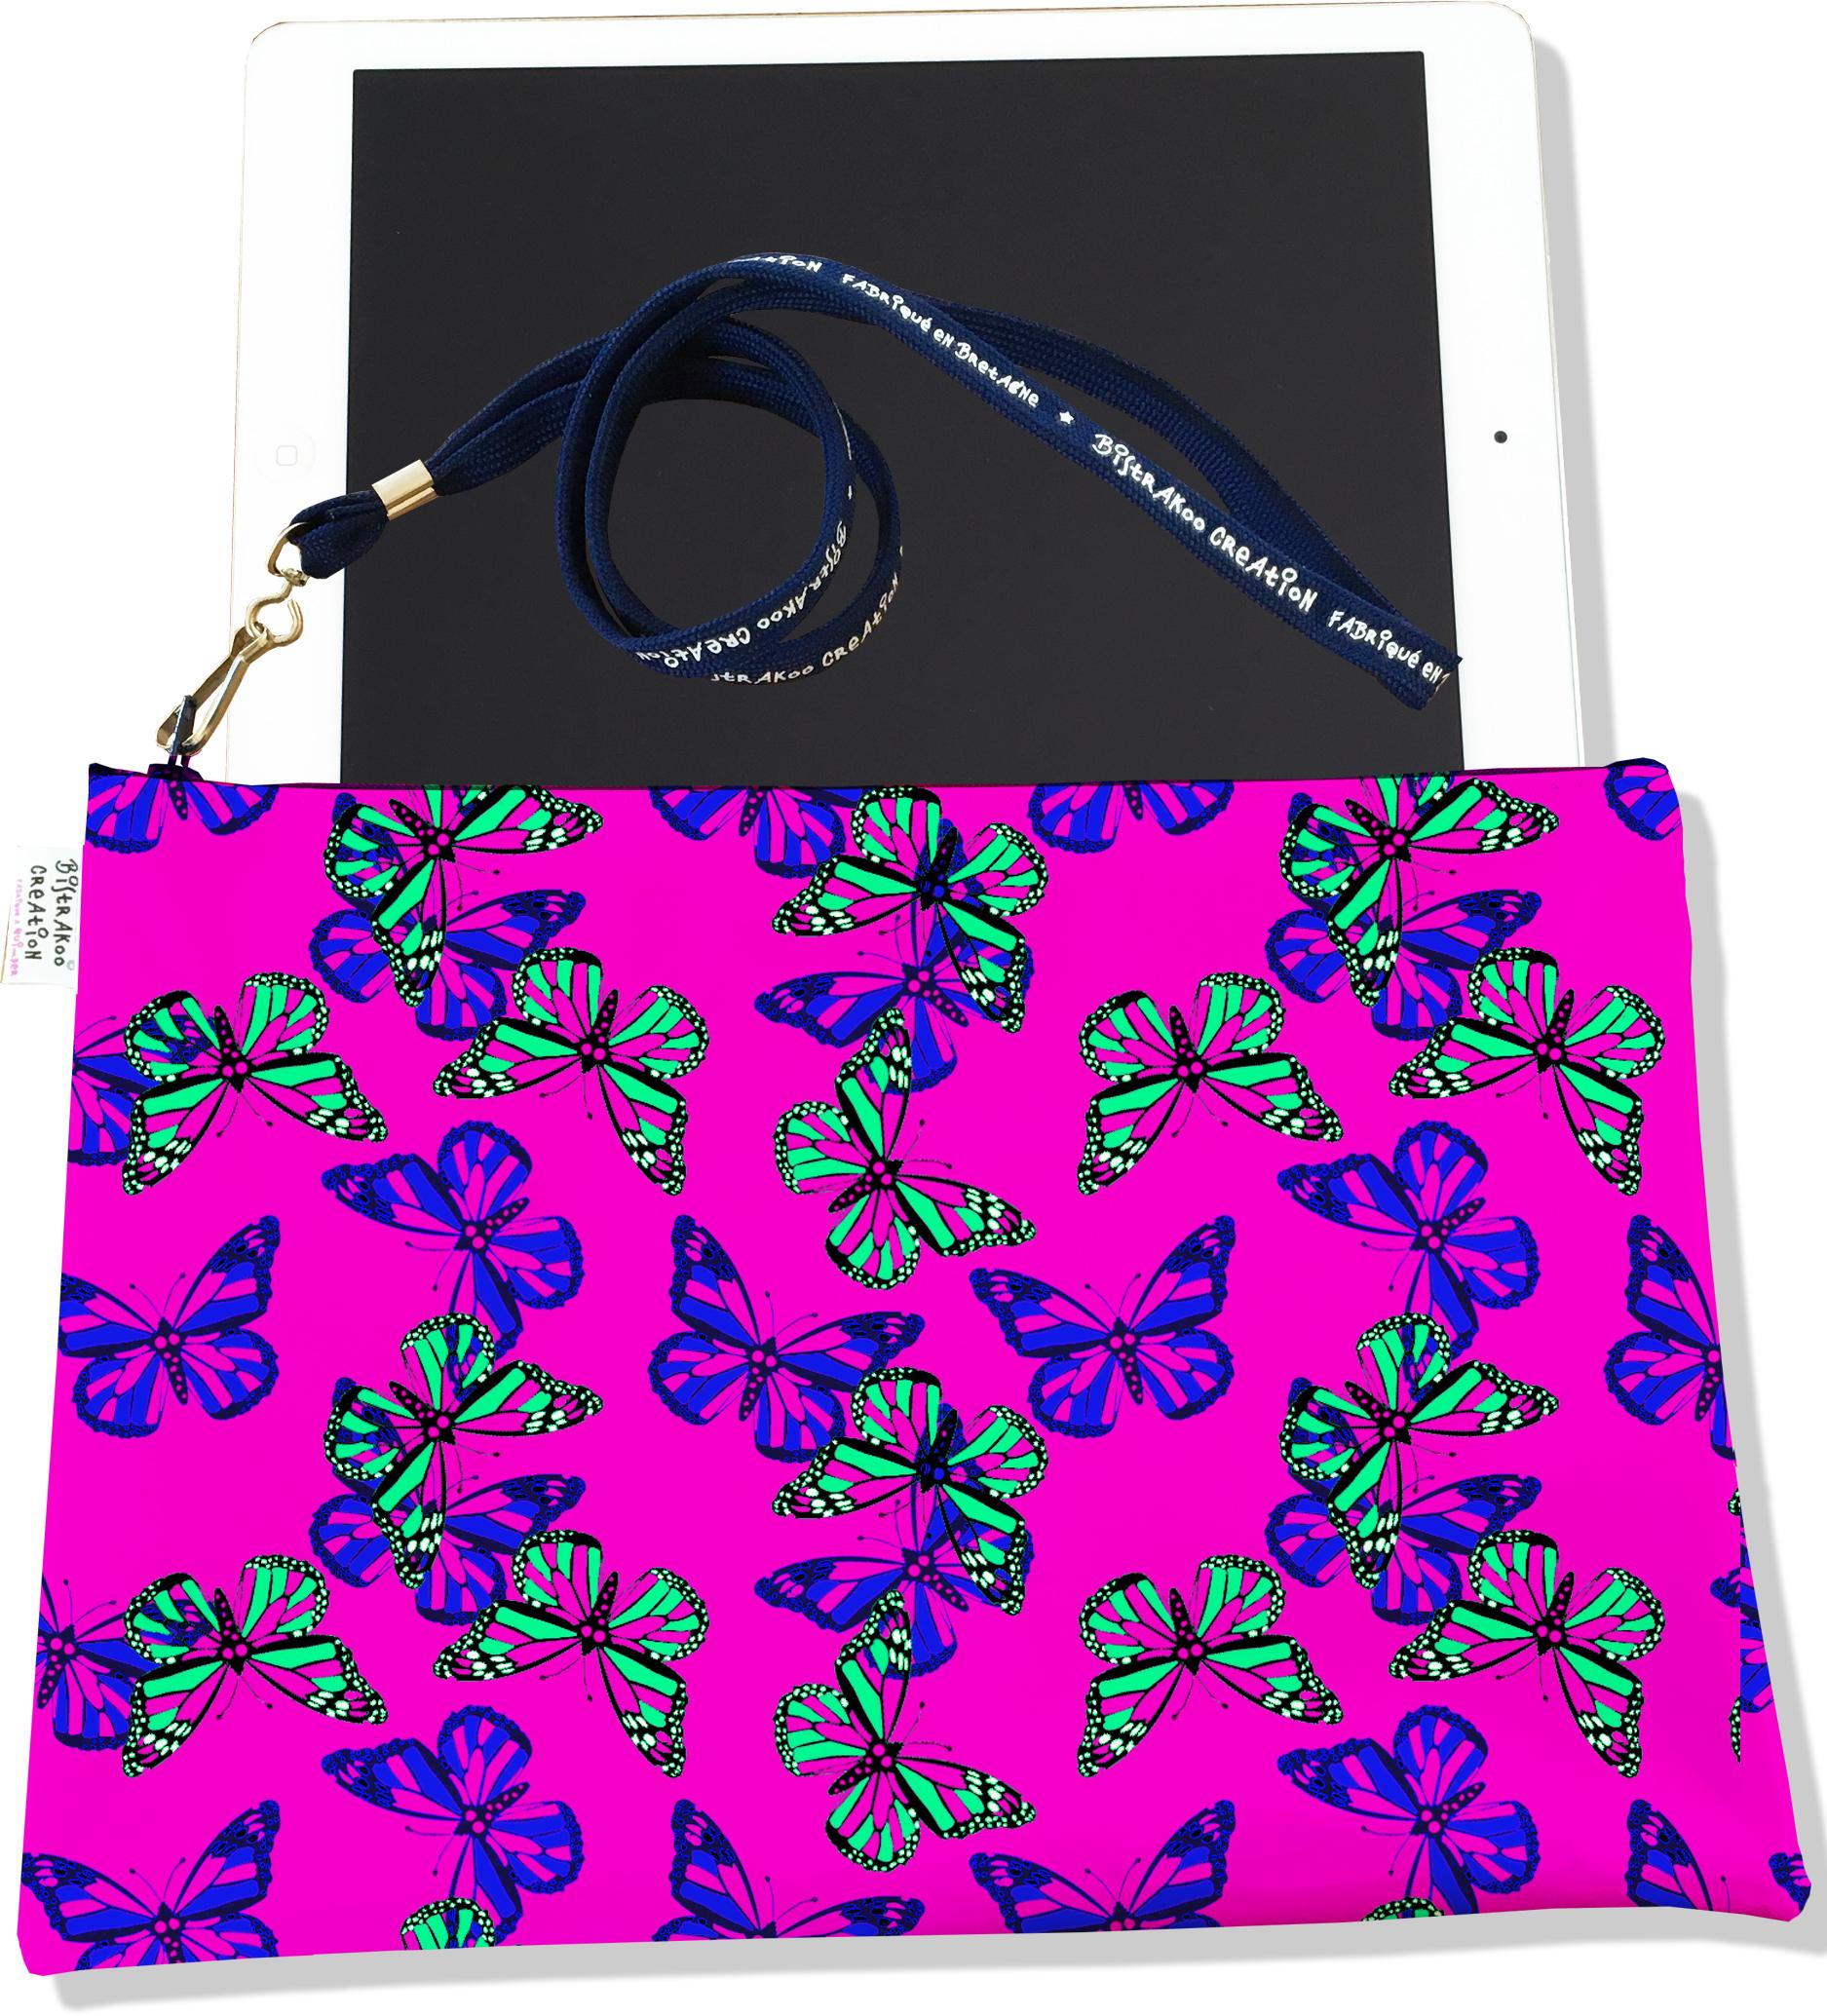 Housse pour tablette pour femme motif Papillons multicolores fond rose 2030